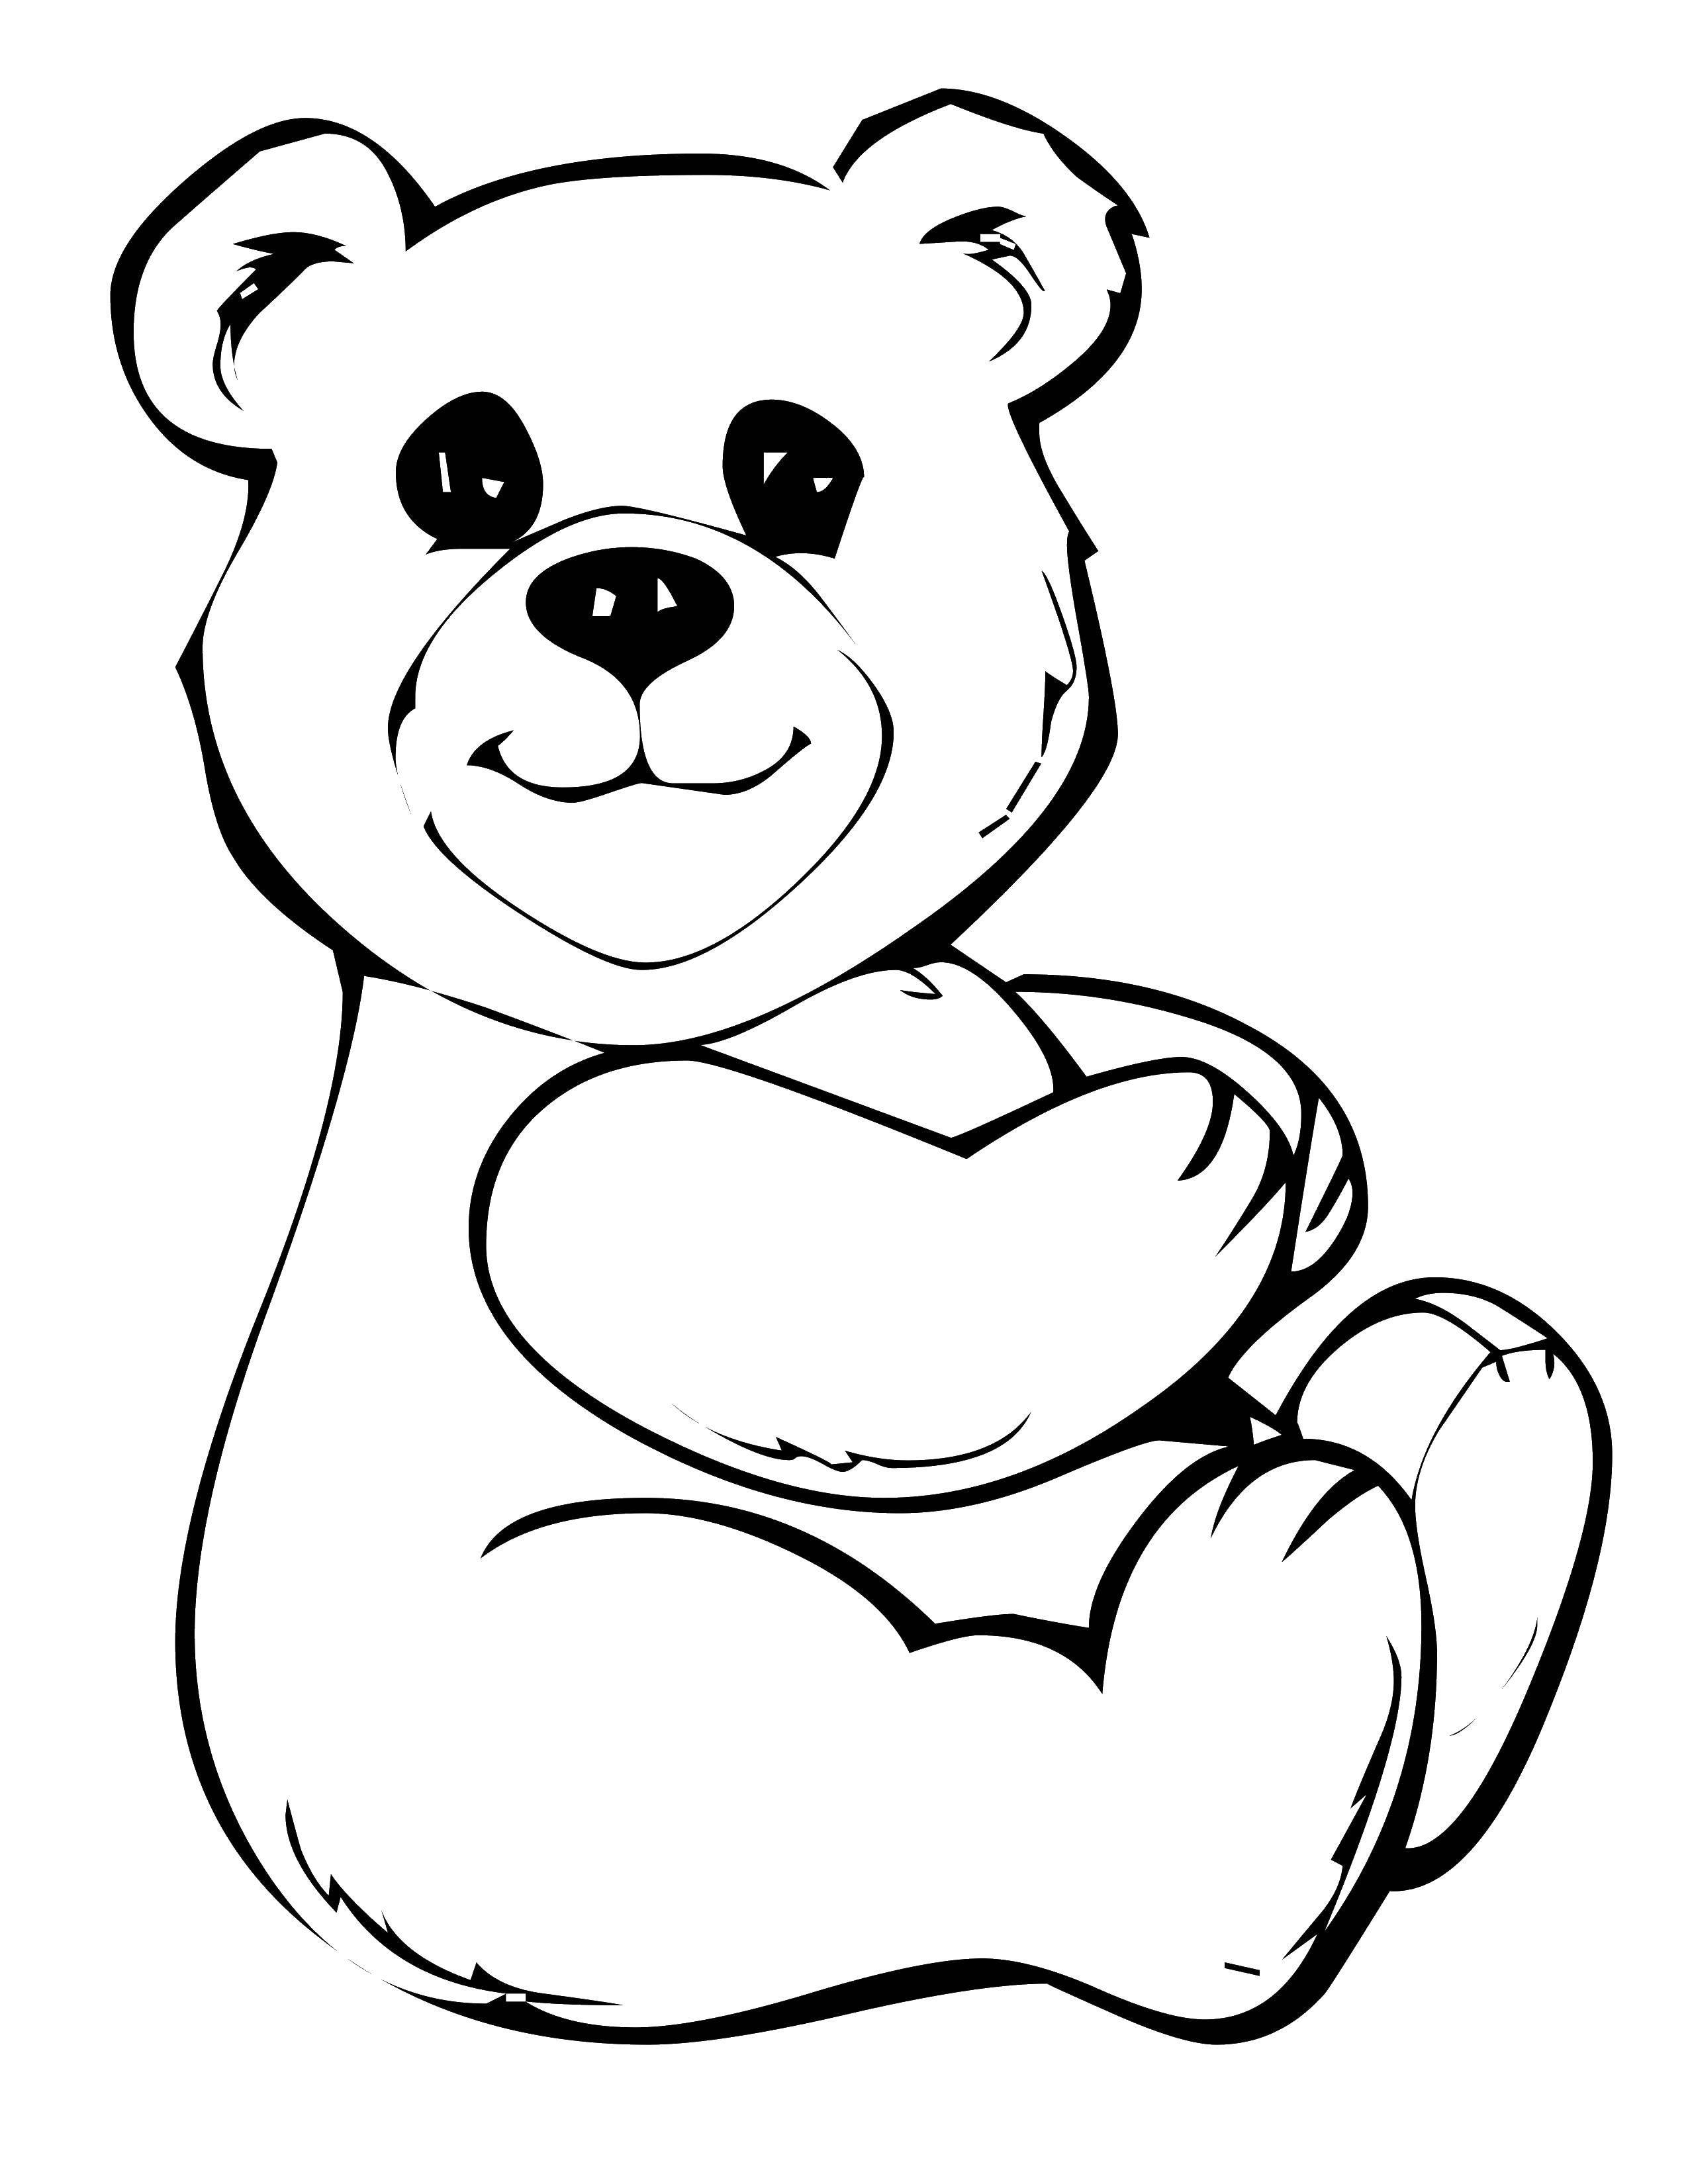 рисунок медведя для раскрашивания зимних